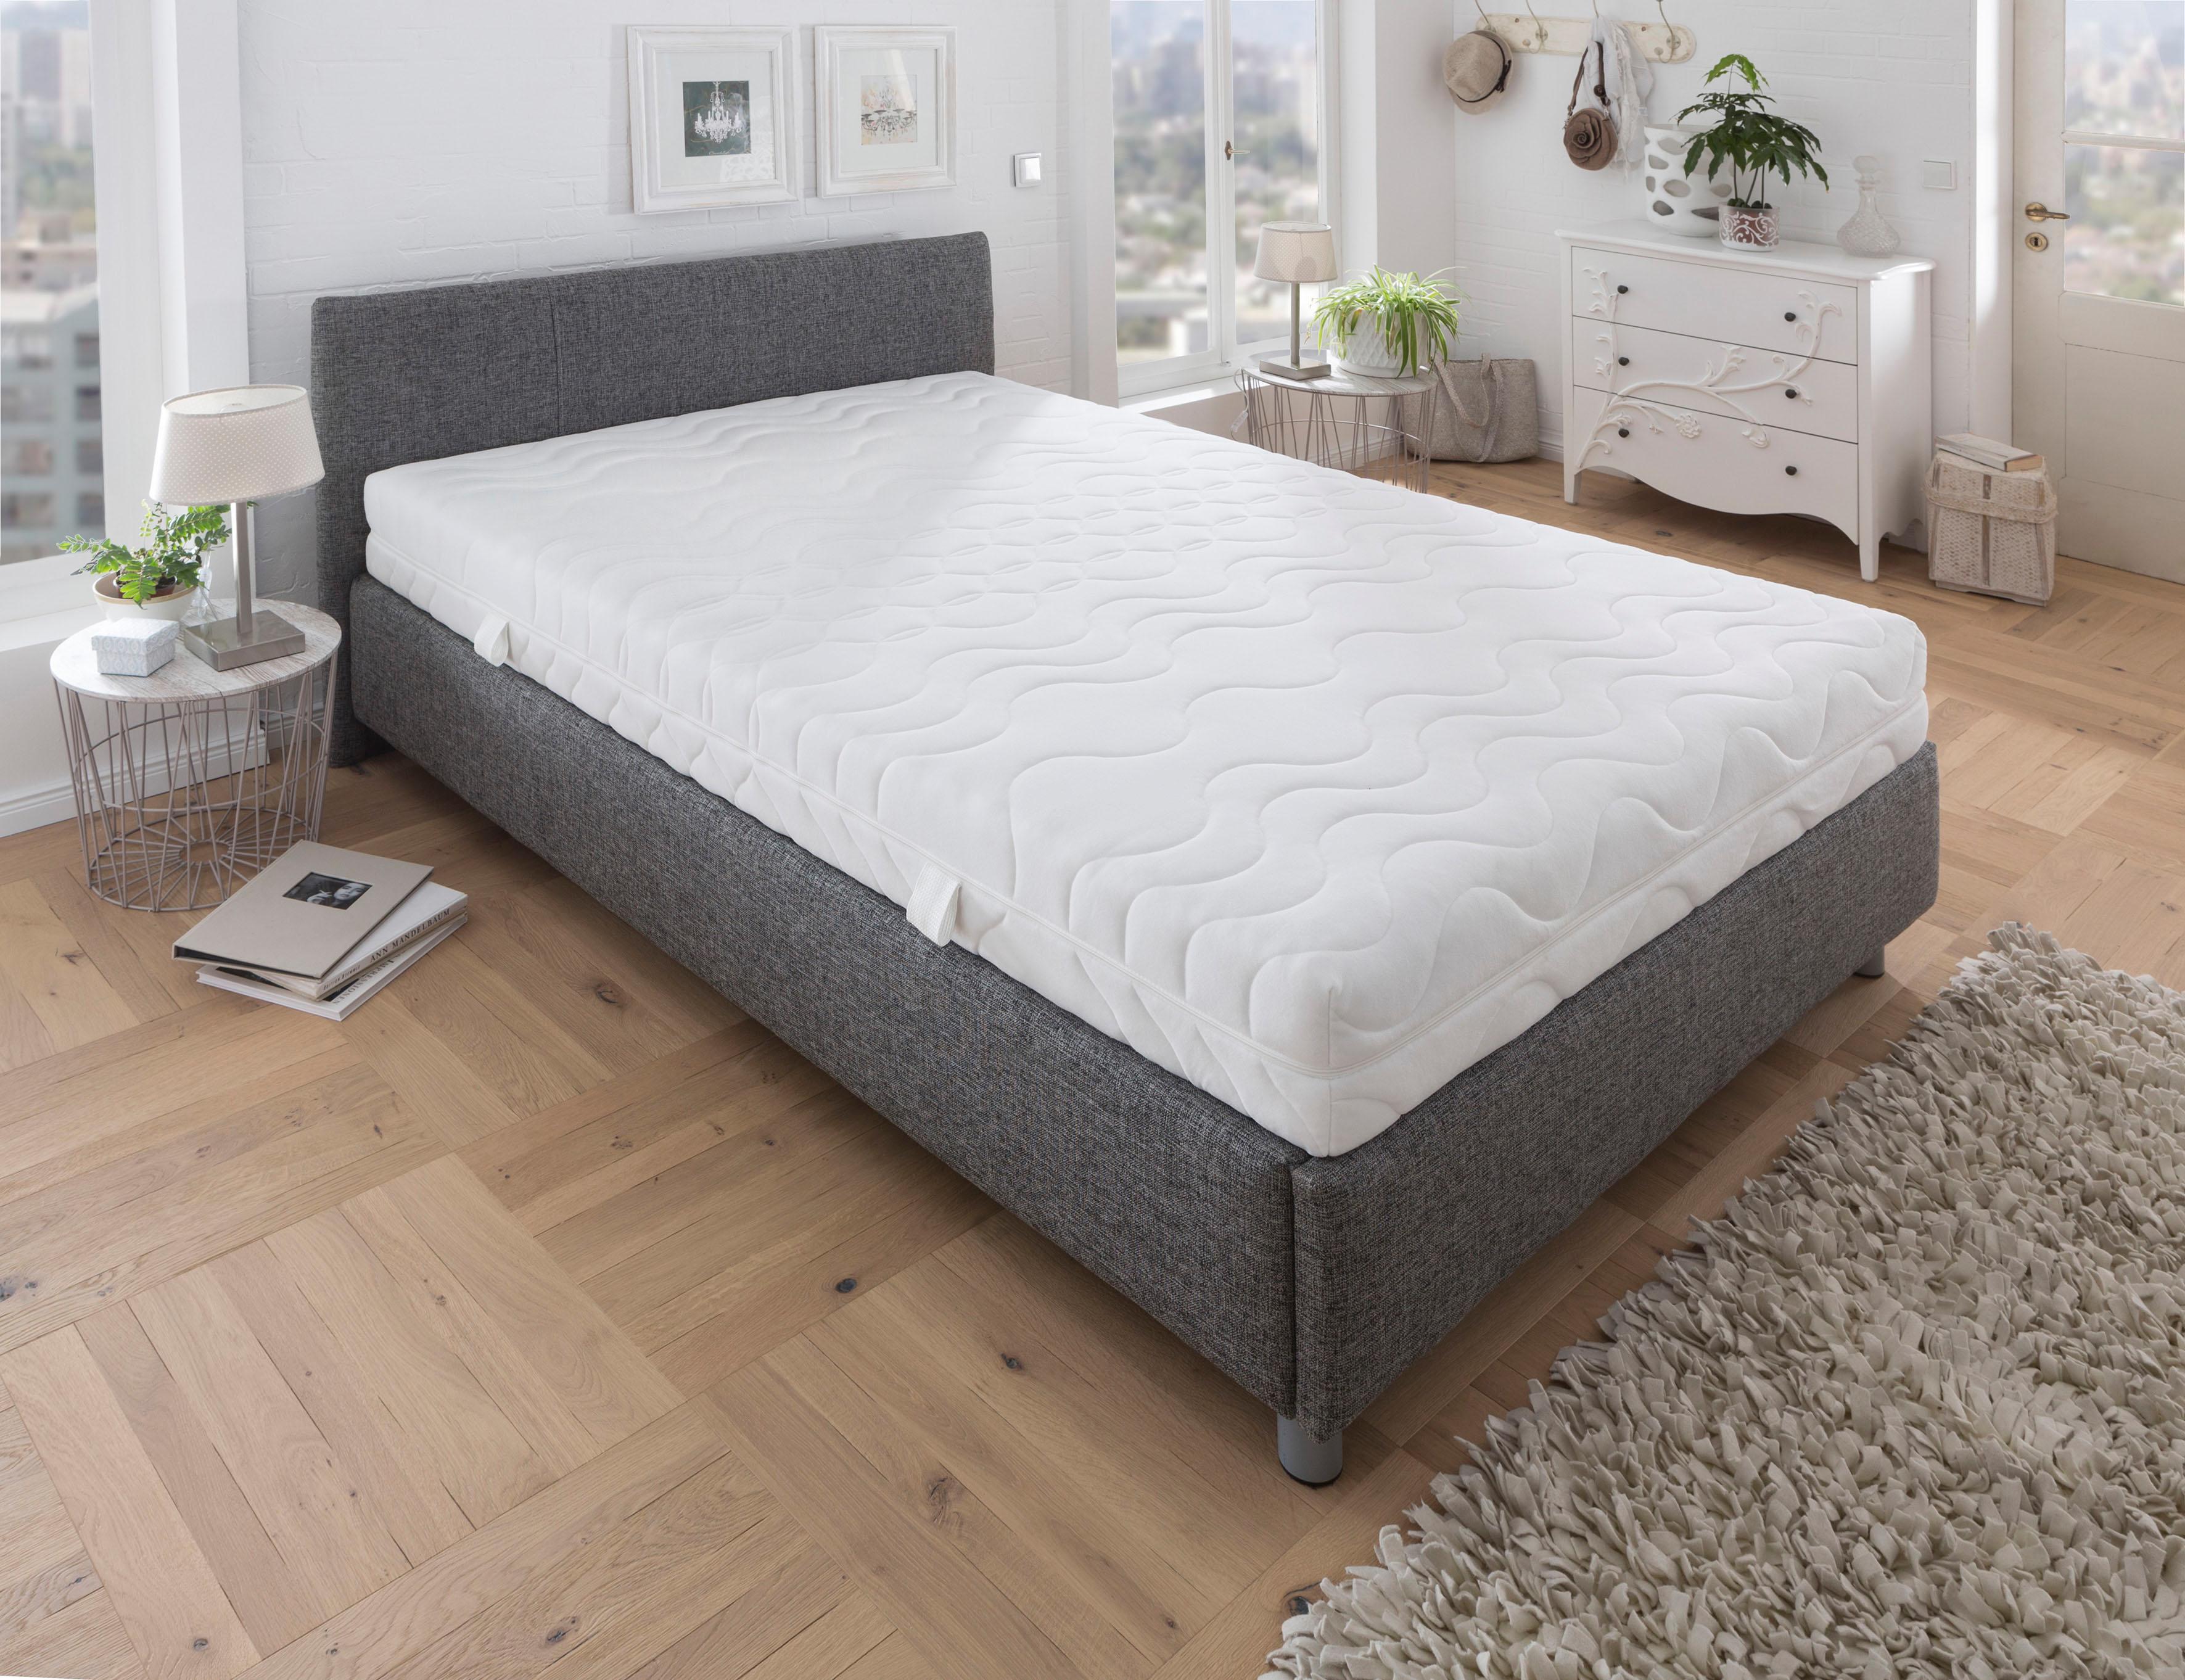 Komfortschaummatratze Standard Delux Beco 15 cm hoch